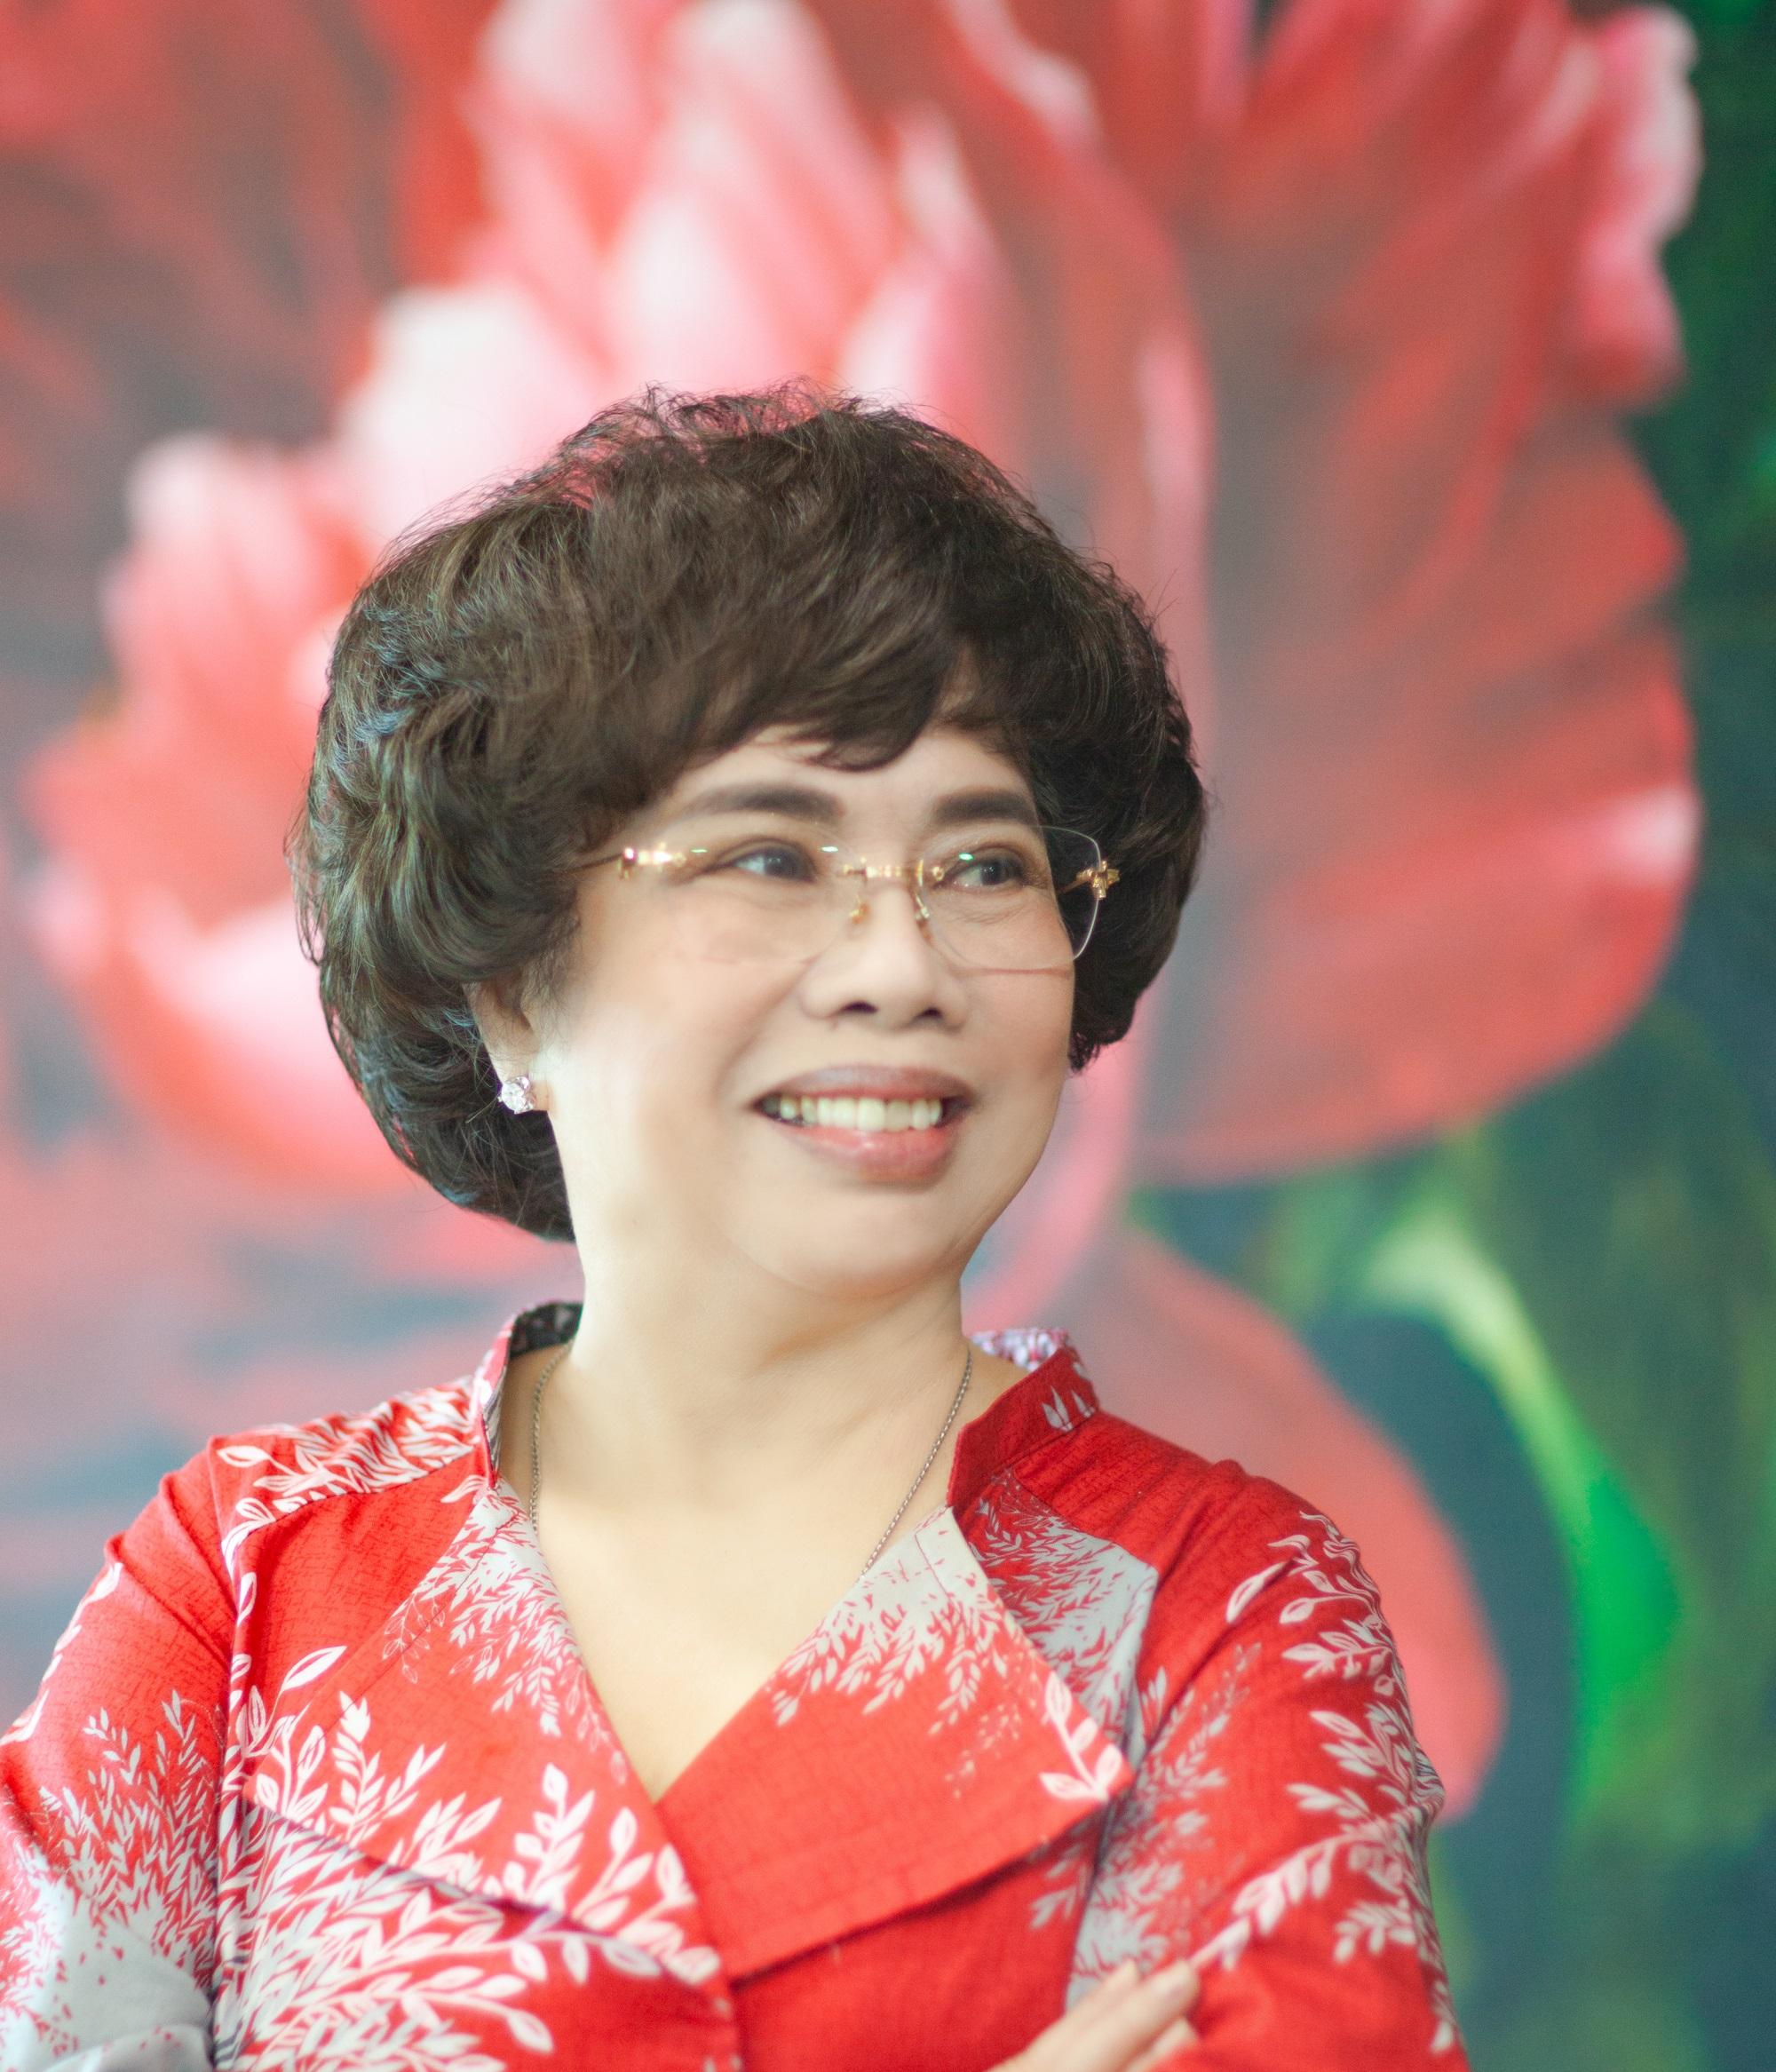 """Những sản phẩm tiên phong của Việt Nam mang dấu ấn """"Tươi, sạch và minh bạch"""""""